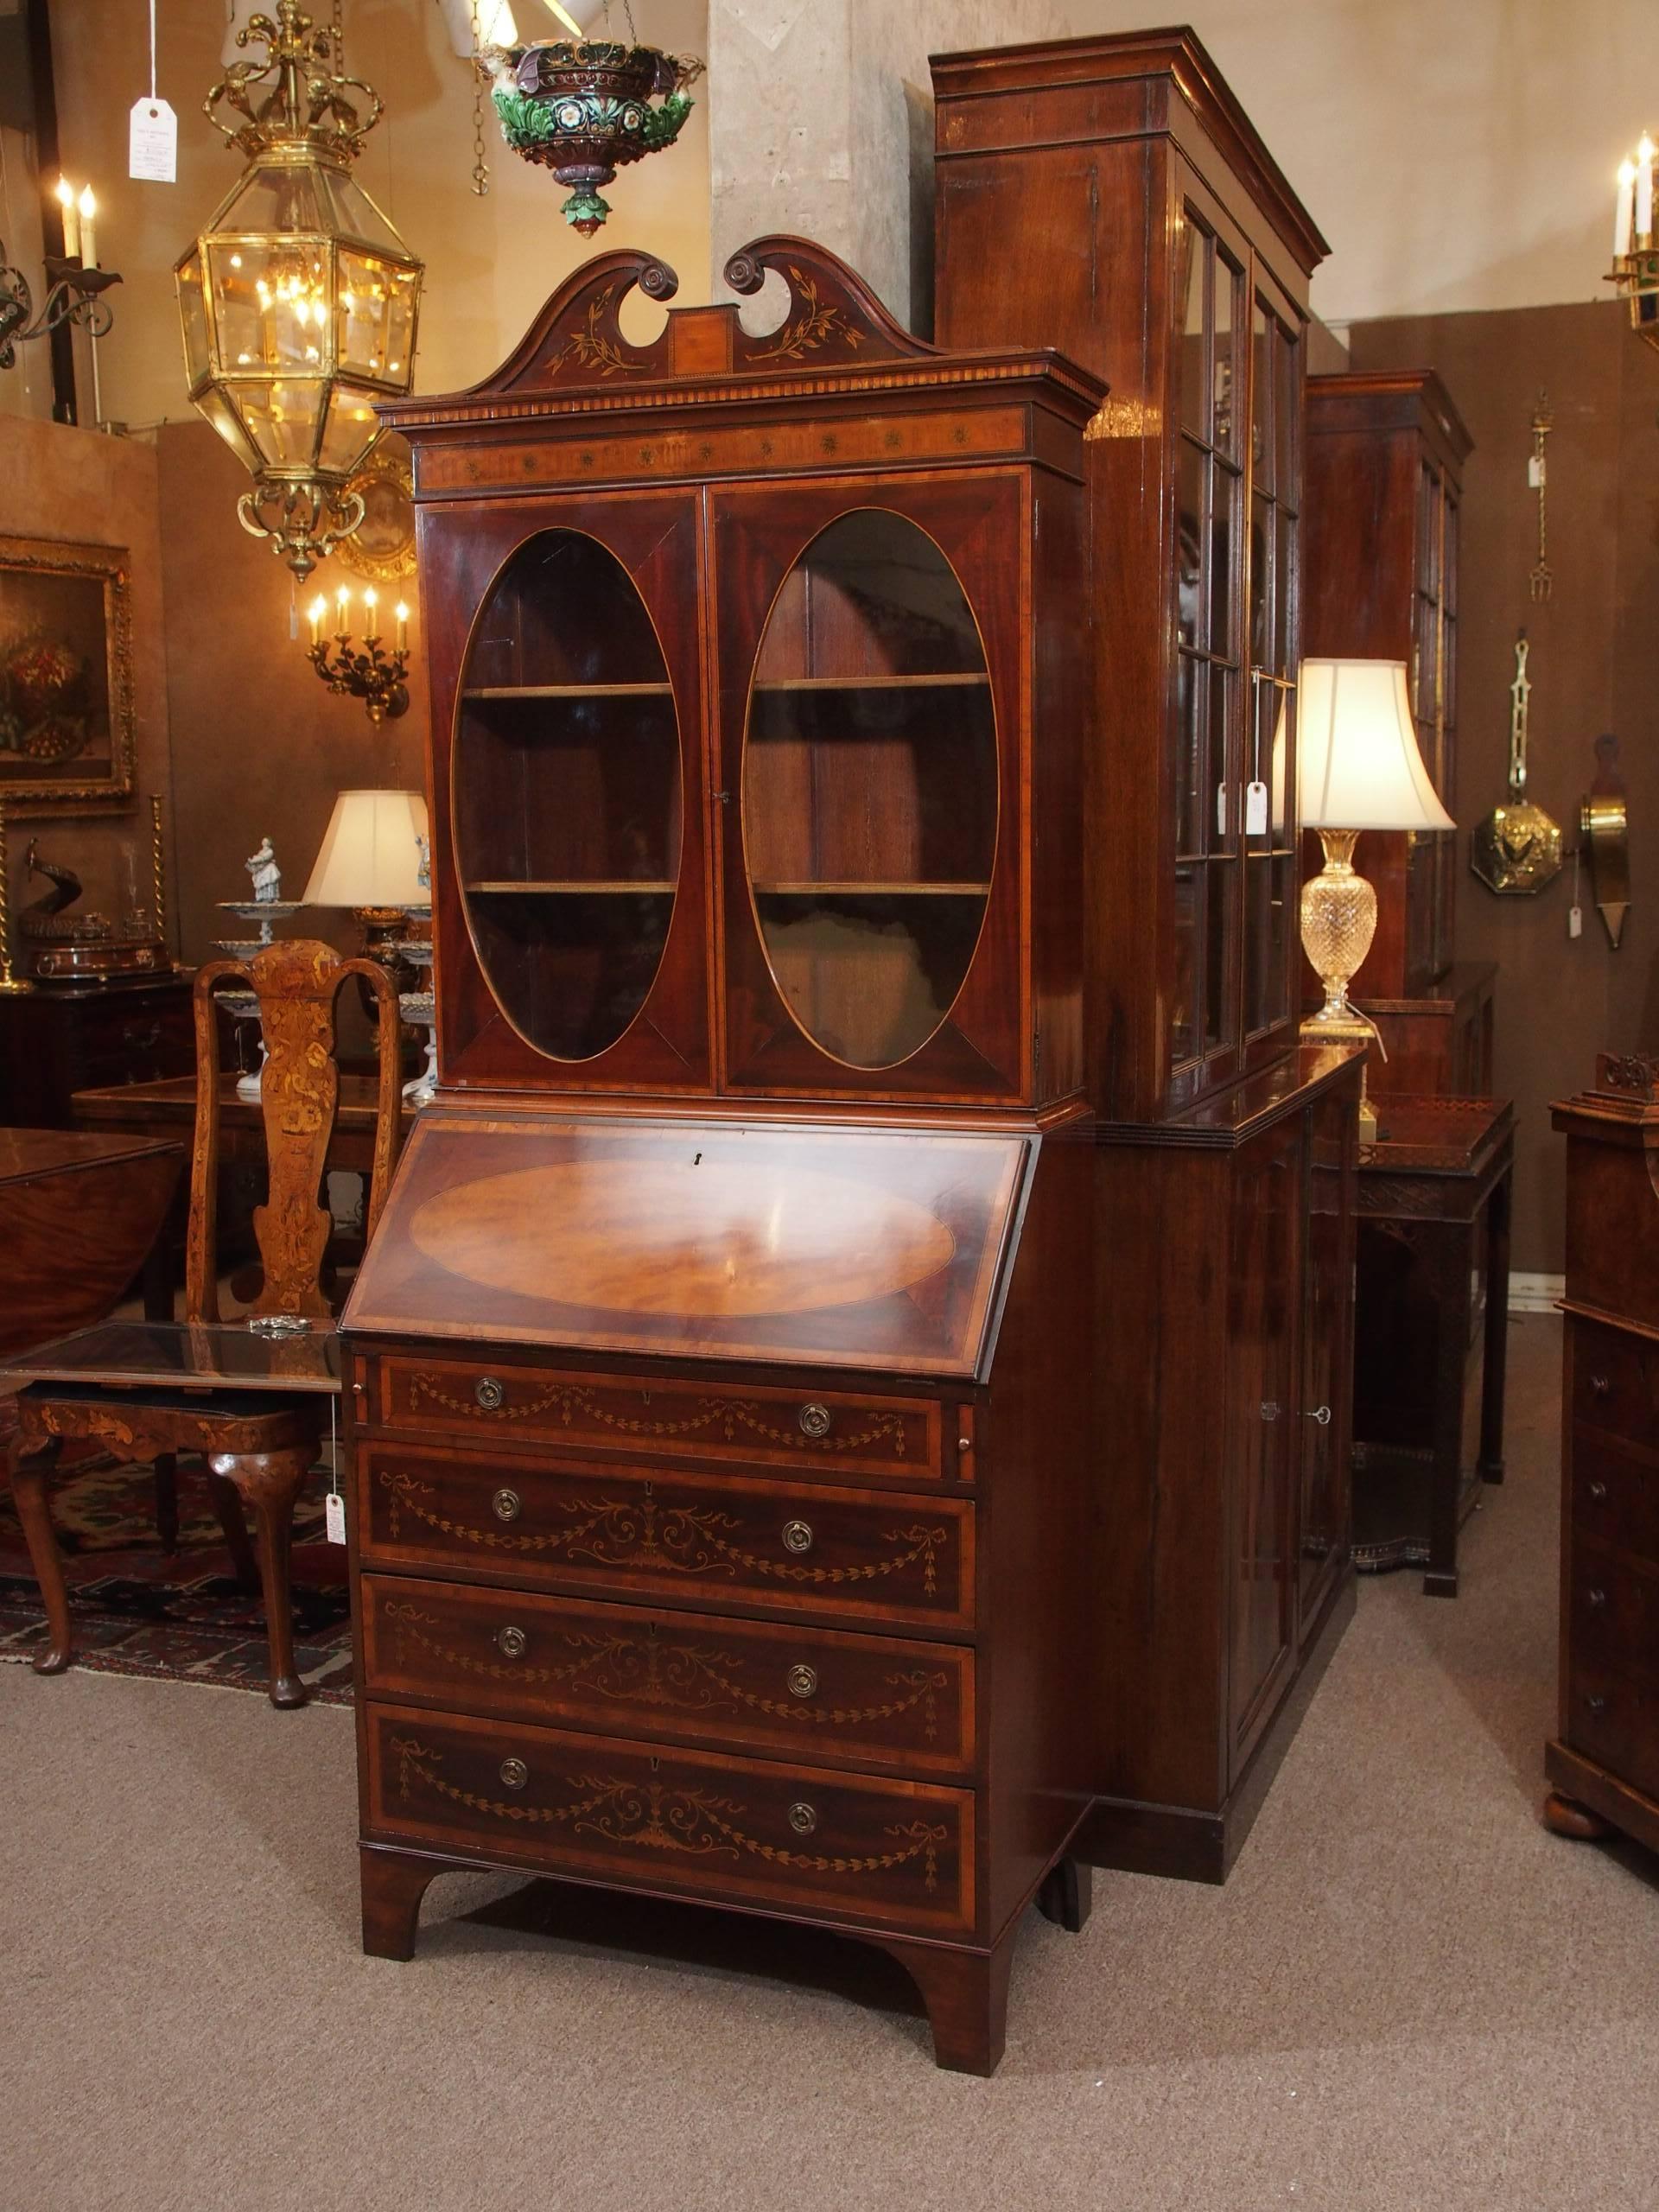 Antique English Edwardian Era Mahogany Secretary Desk 2